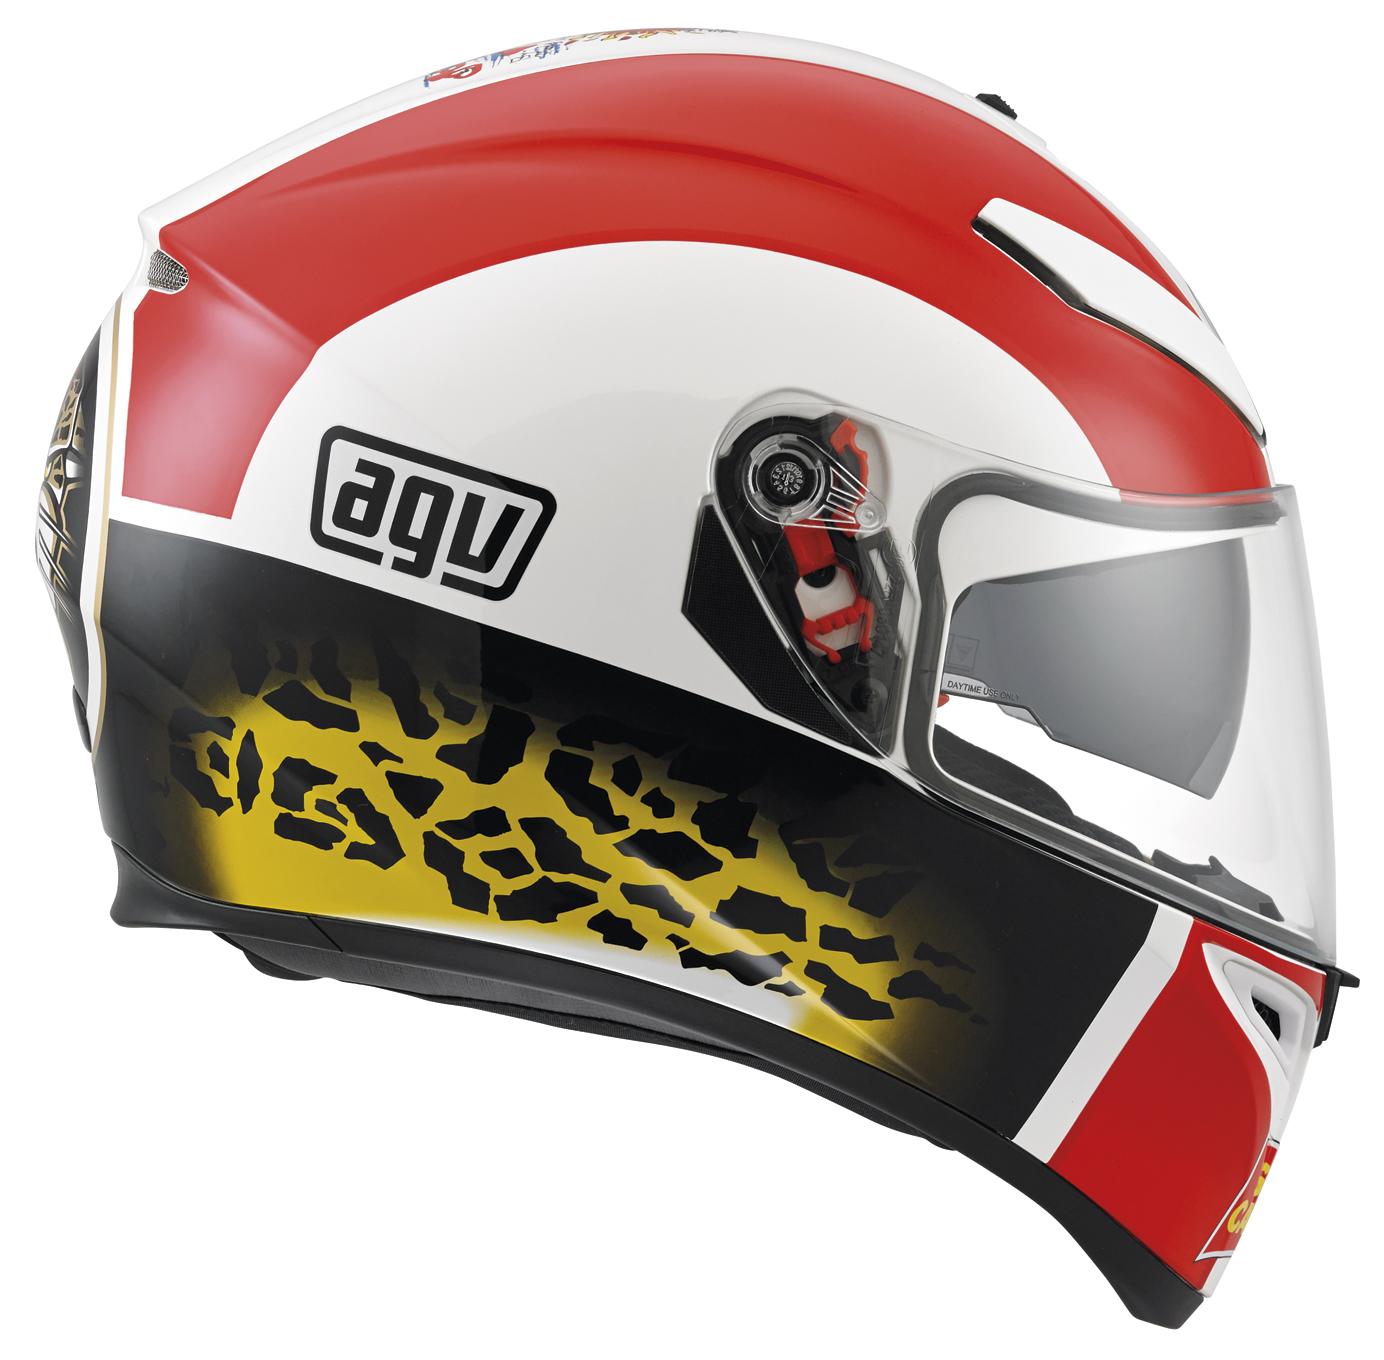 how to change visor on agv helmet